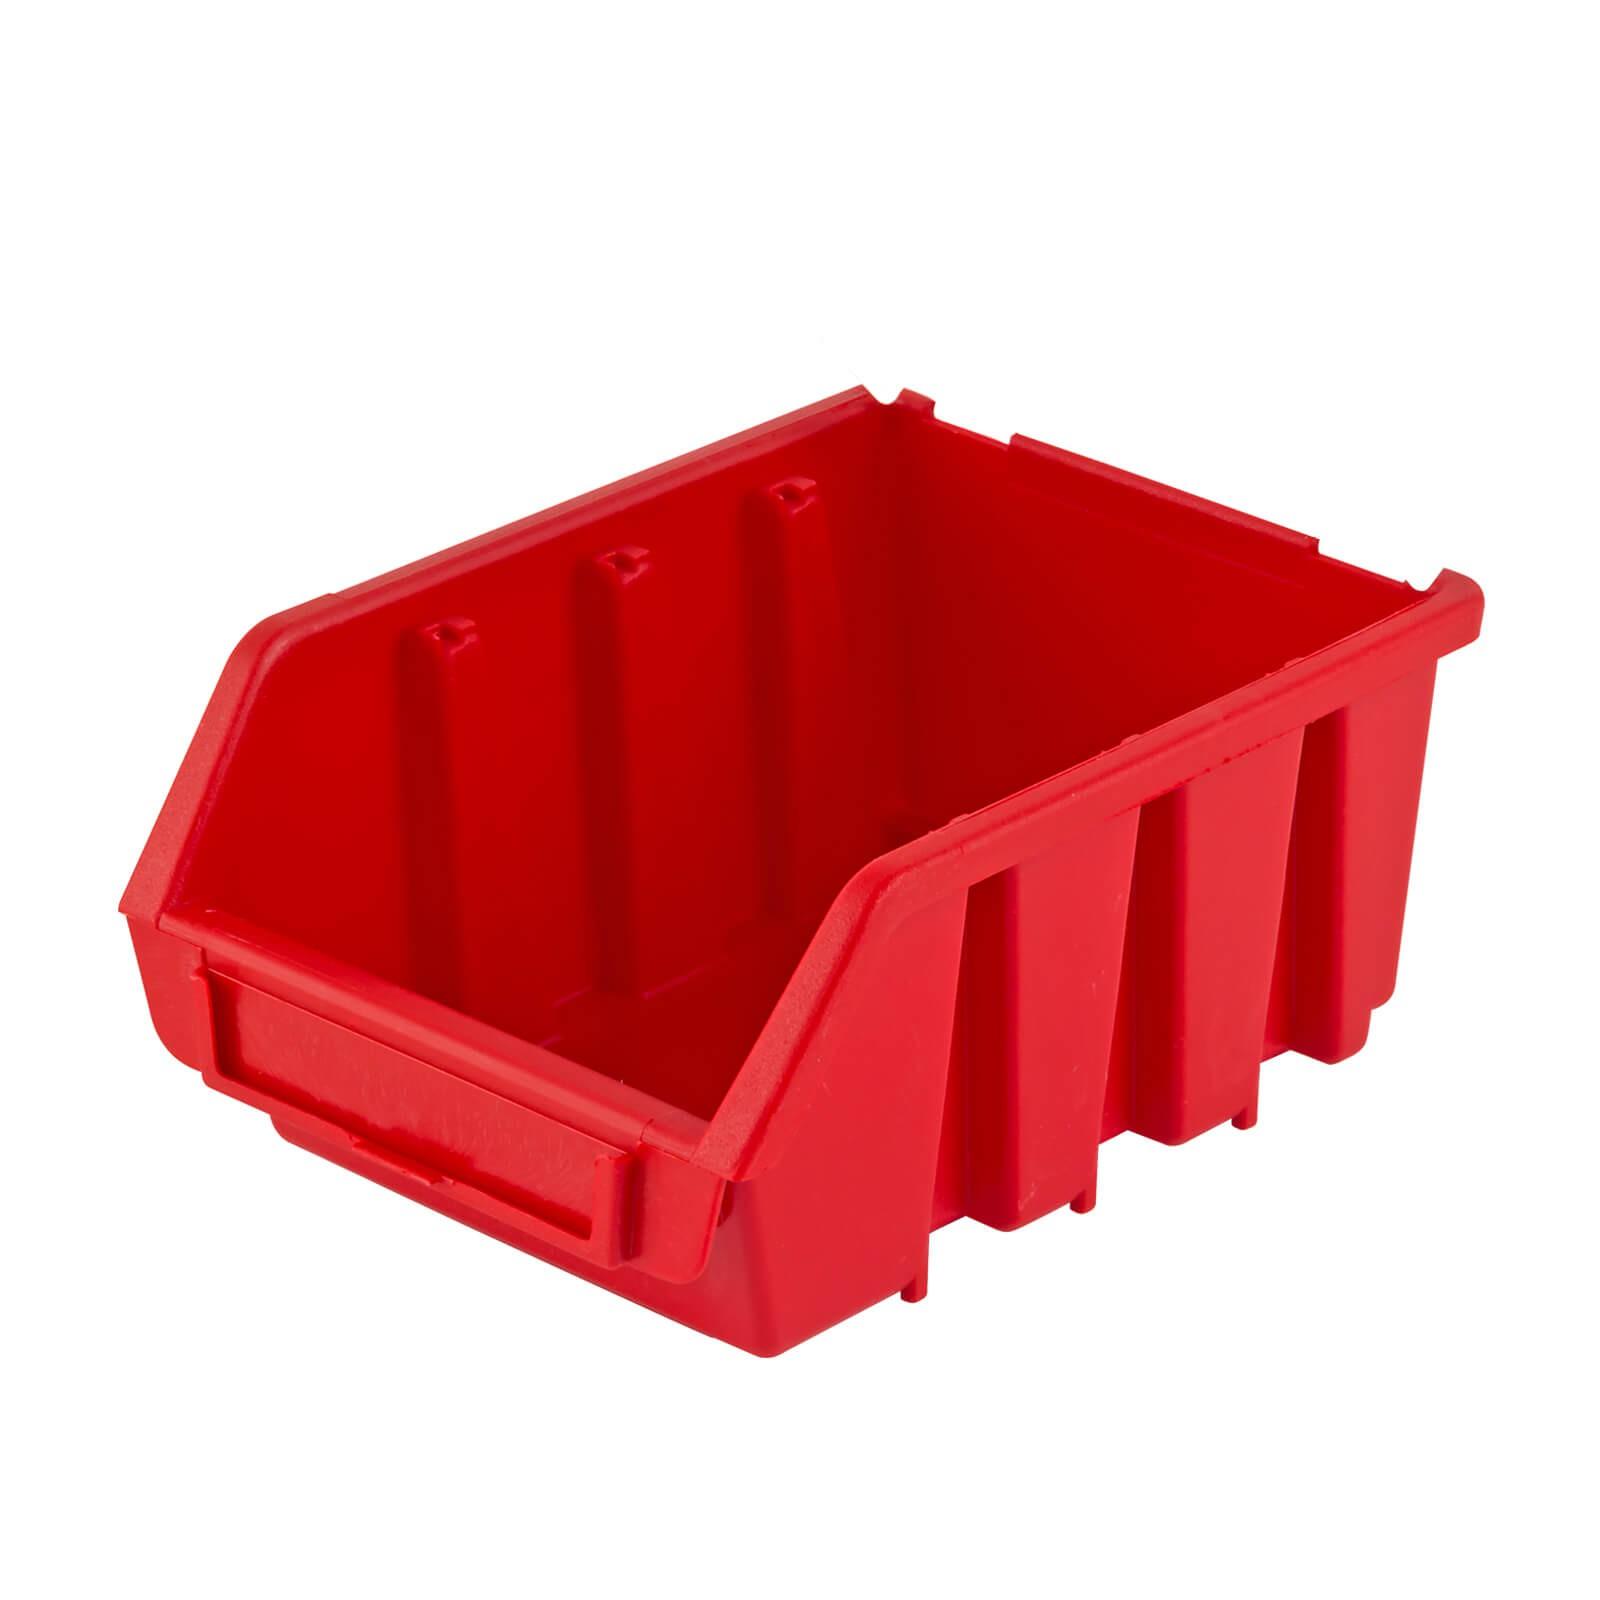 40x Stapelbox Gr 2 Stapelboxen Lagerboxen Kiste Sichtlagerkasten Werkstatt